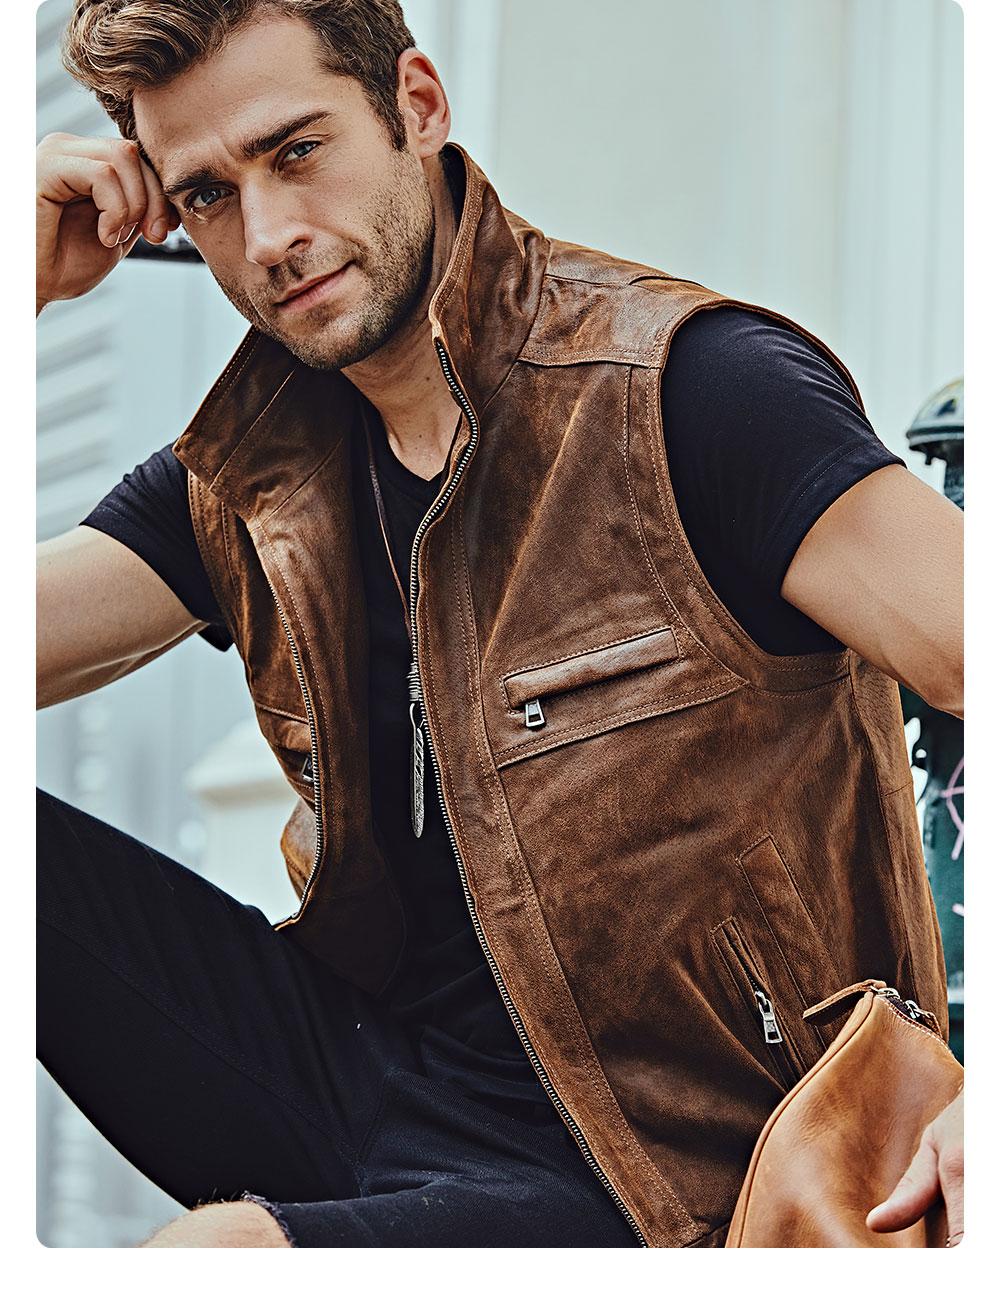 H2f33d571360d44d0ad5d9c70f7bbee147 Mew Men's Leather Retro Vest Stand Collar Men's Motorcycle Casual Vest